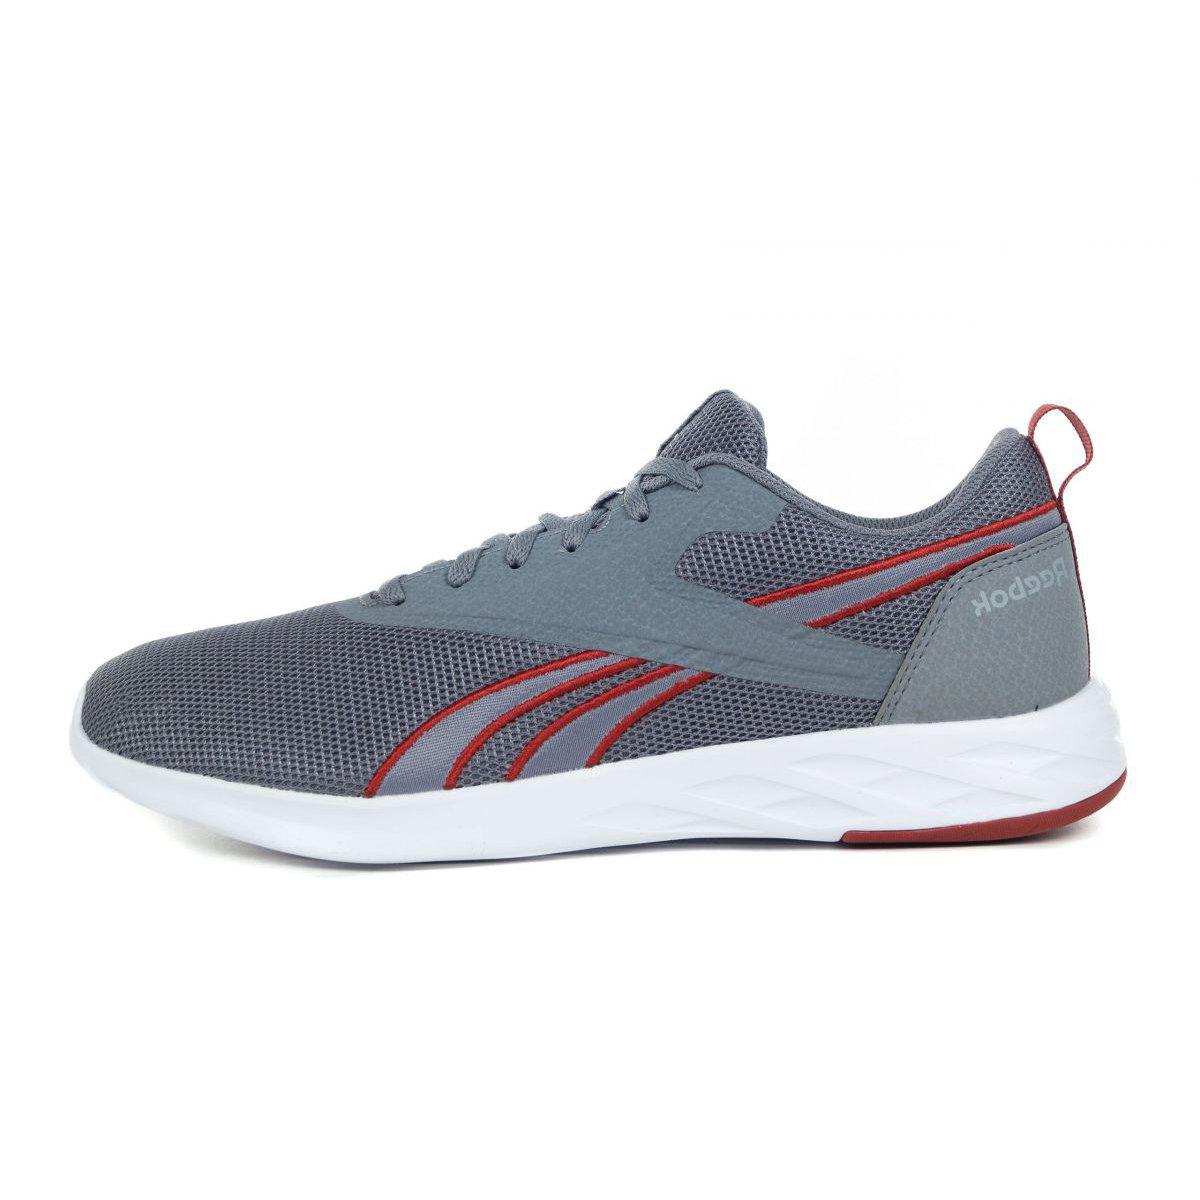 خرید اینترنتی                     کفش مخصوص دویدن مردانه ریباک مدل FU7127             با قیمت مناسب